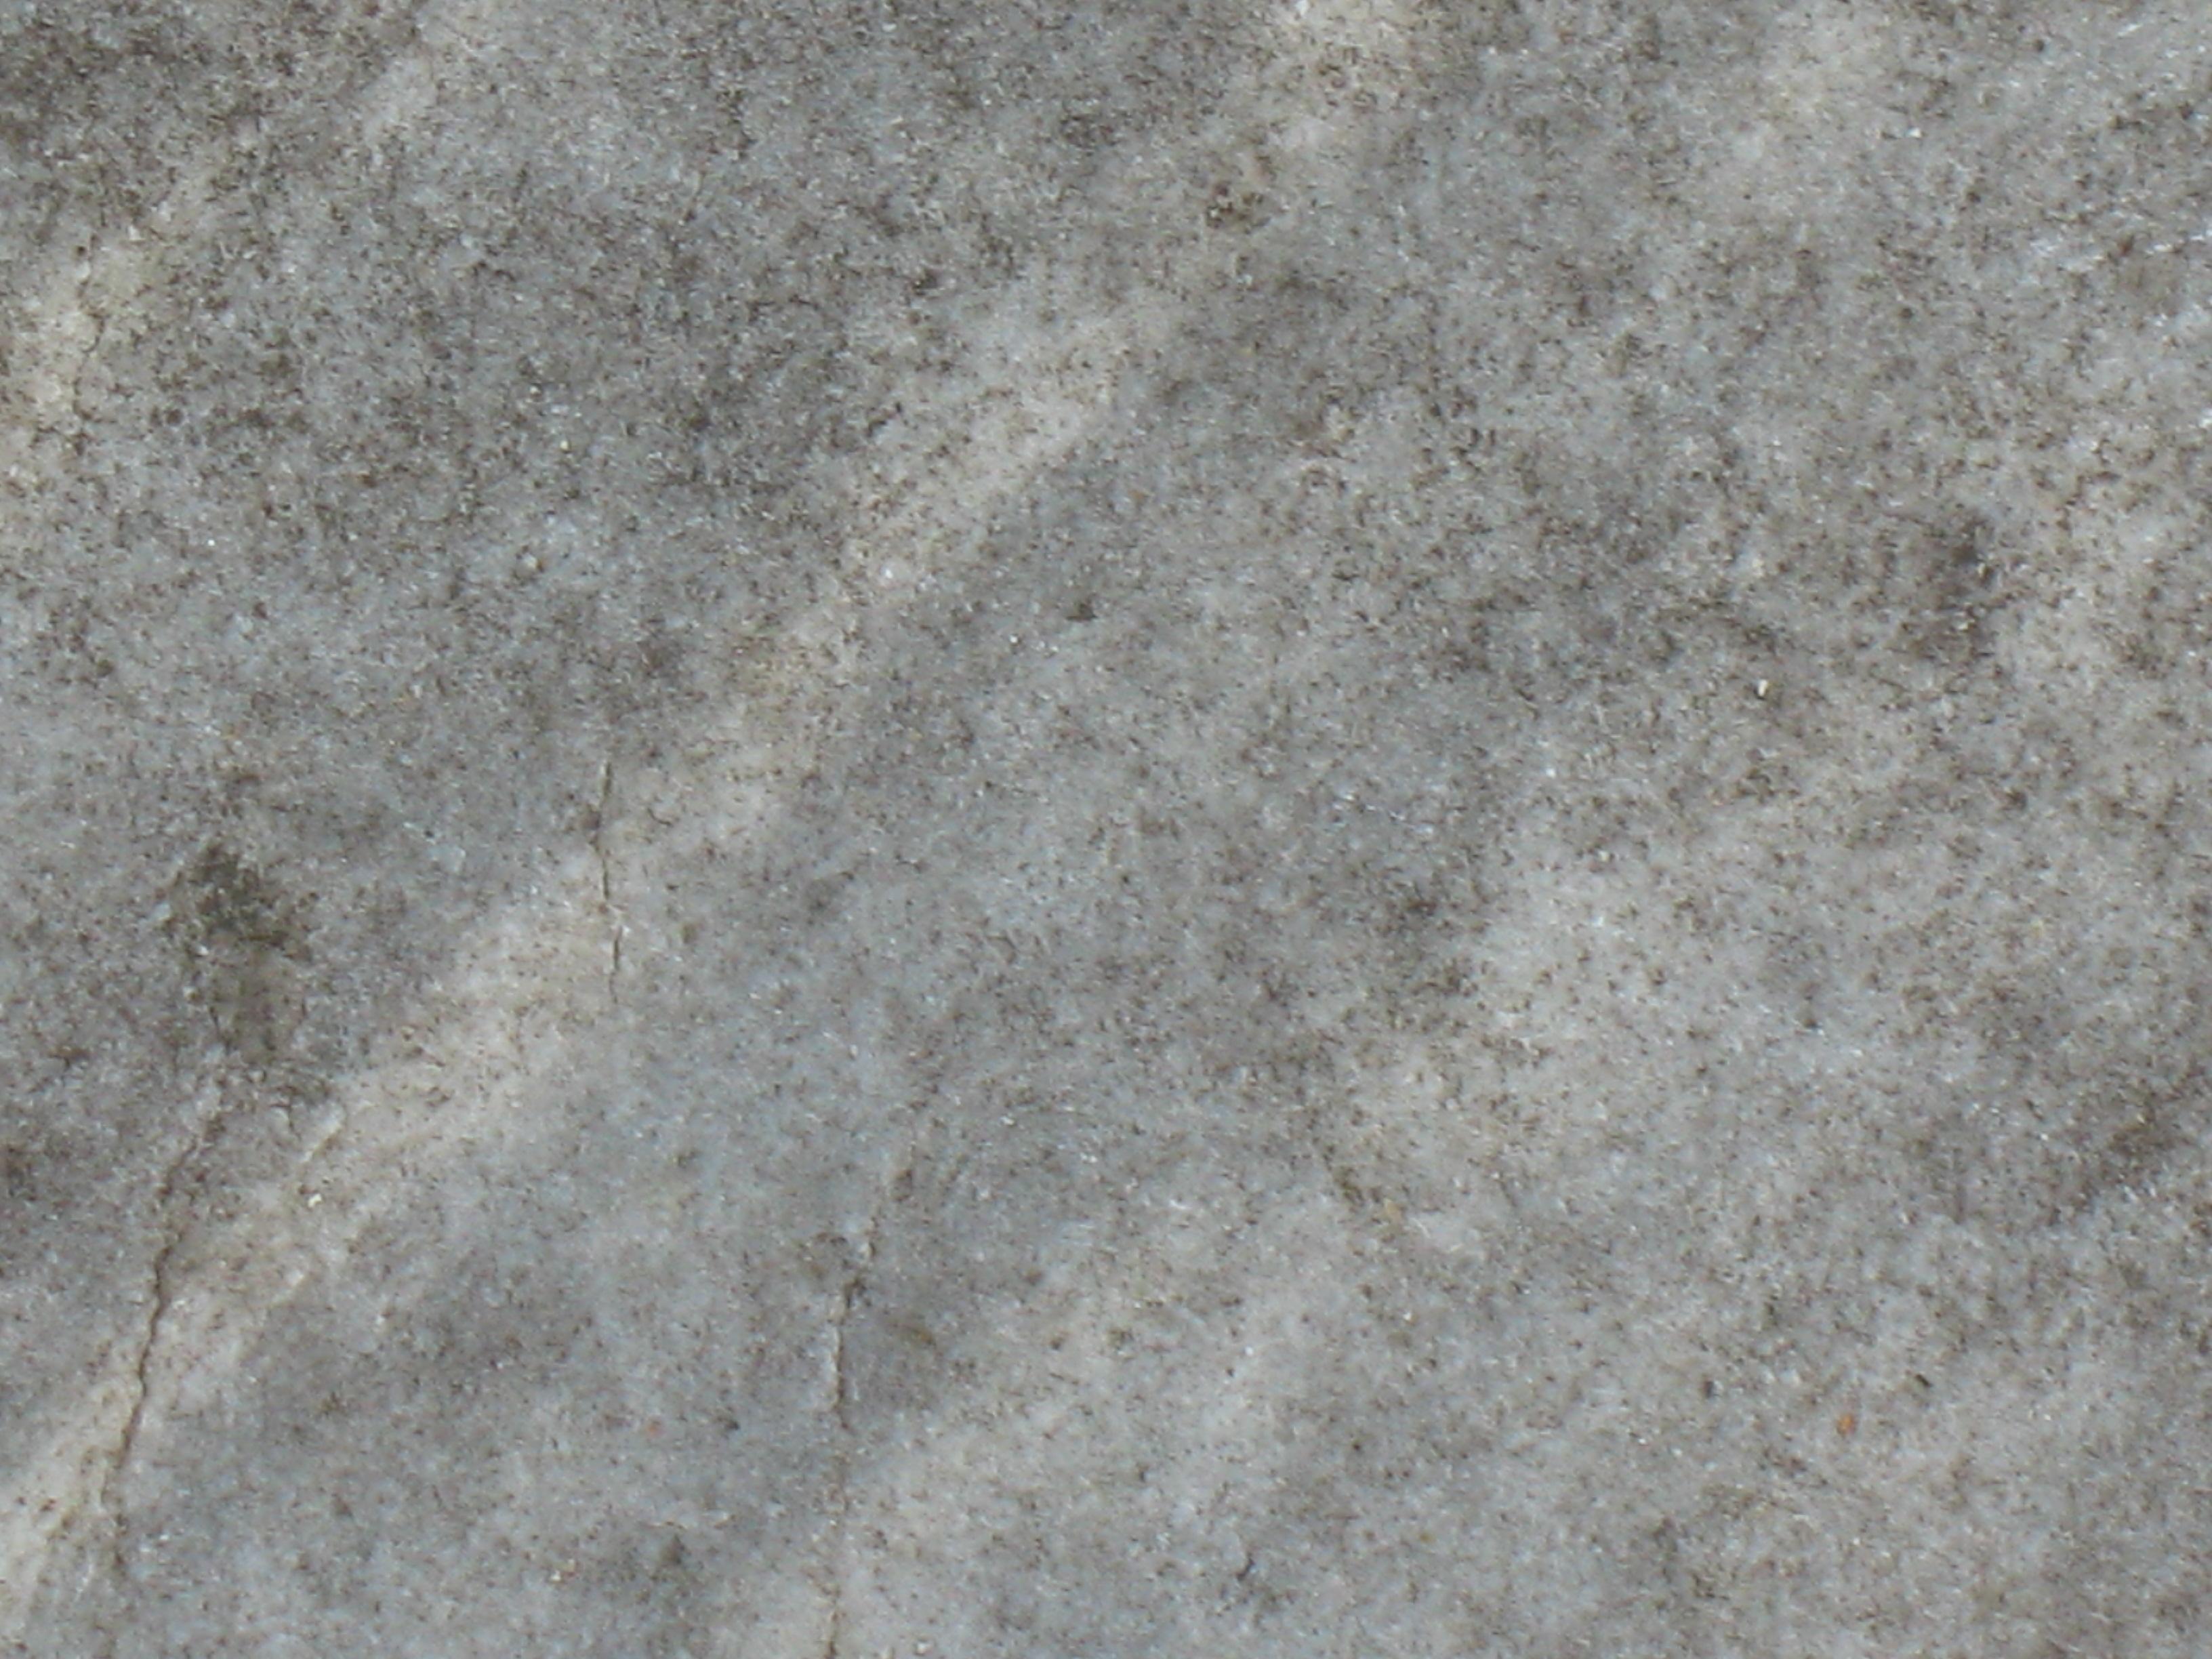 Огрубление поверхности и трещины на сером мраморе